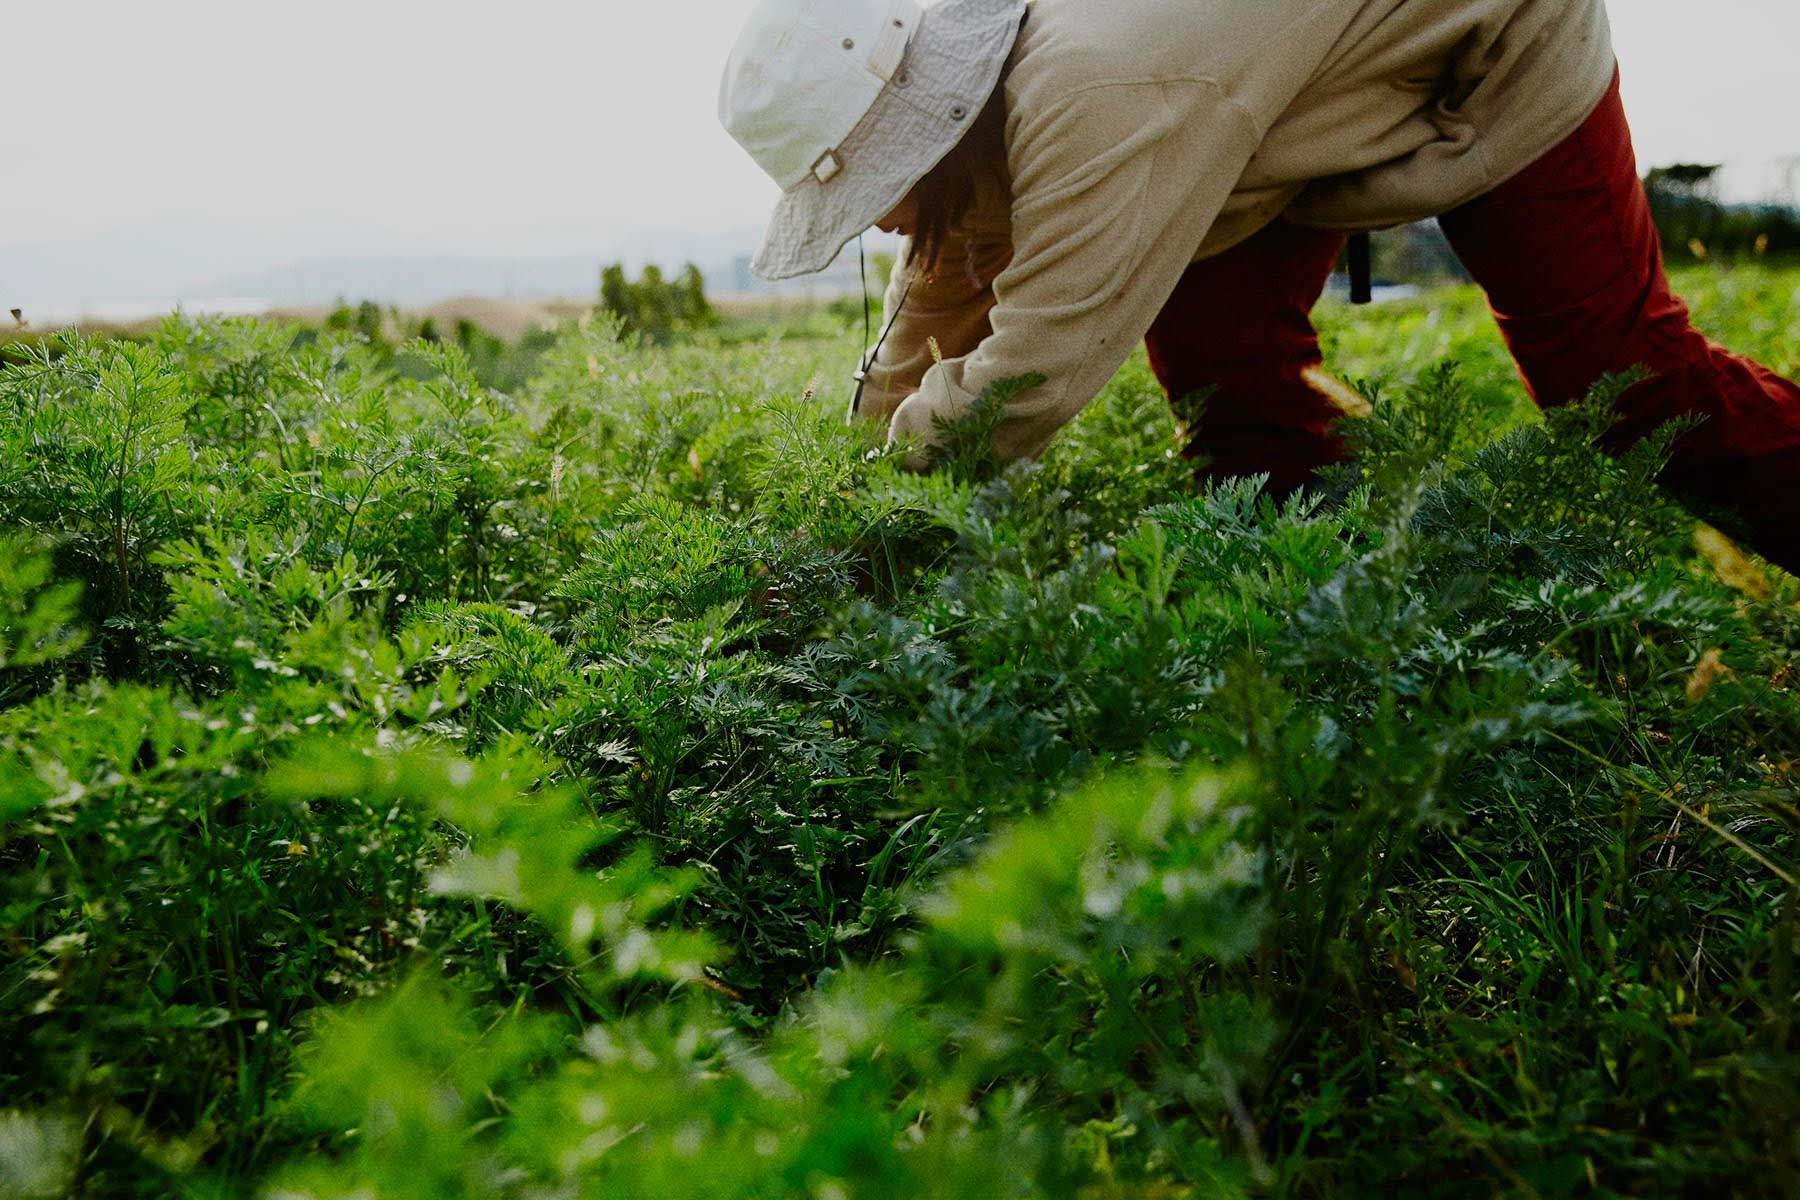 「野菜は生き物」。「坂ノ途中」の野菜定期宅配で、農業や環境のこと、ちょっと知ってみませんか?